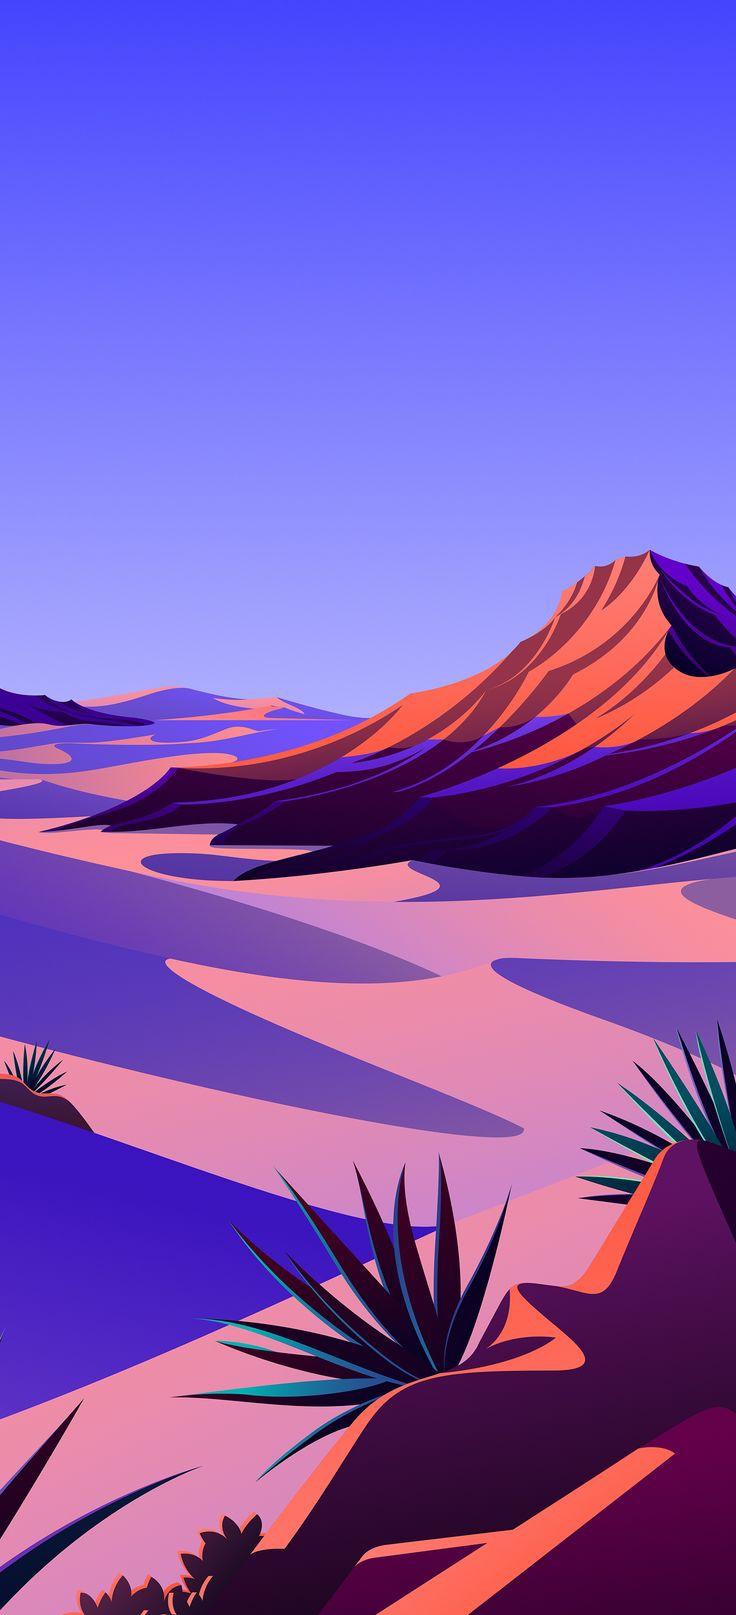 Gambar Pemandangan Gurun Pasir Flat Ilustrasi